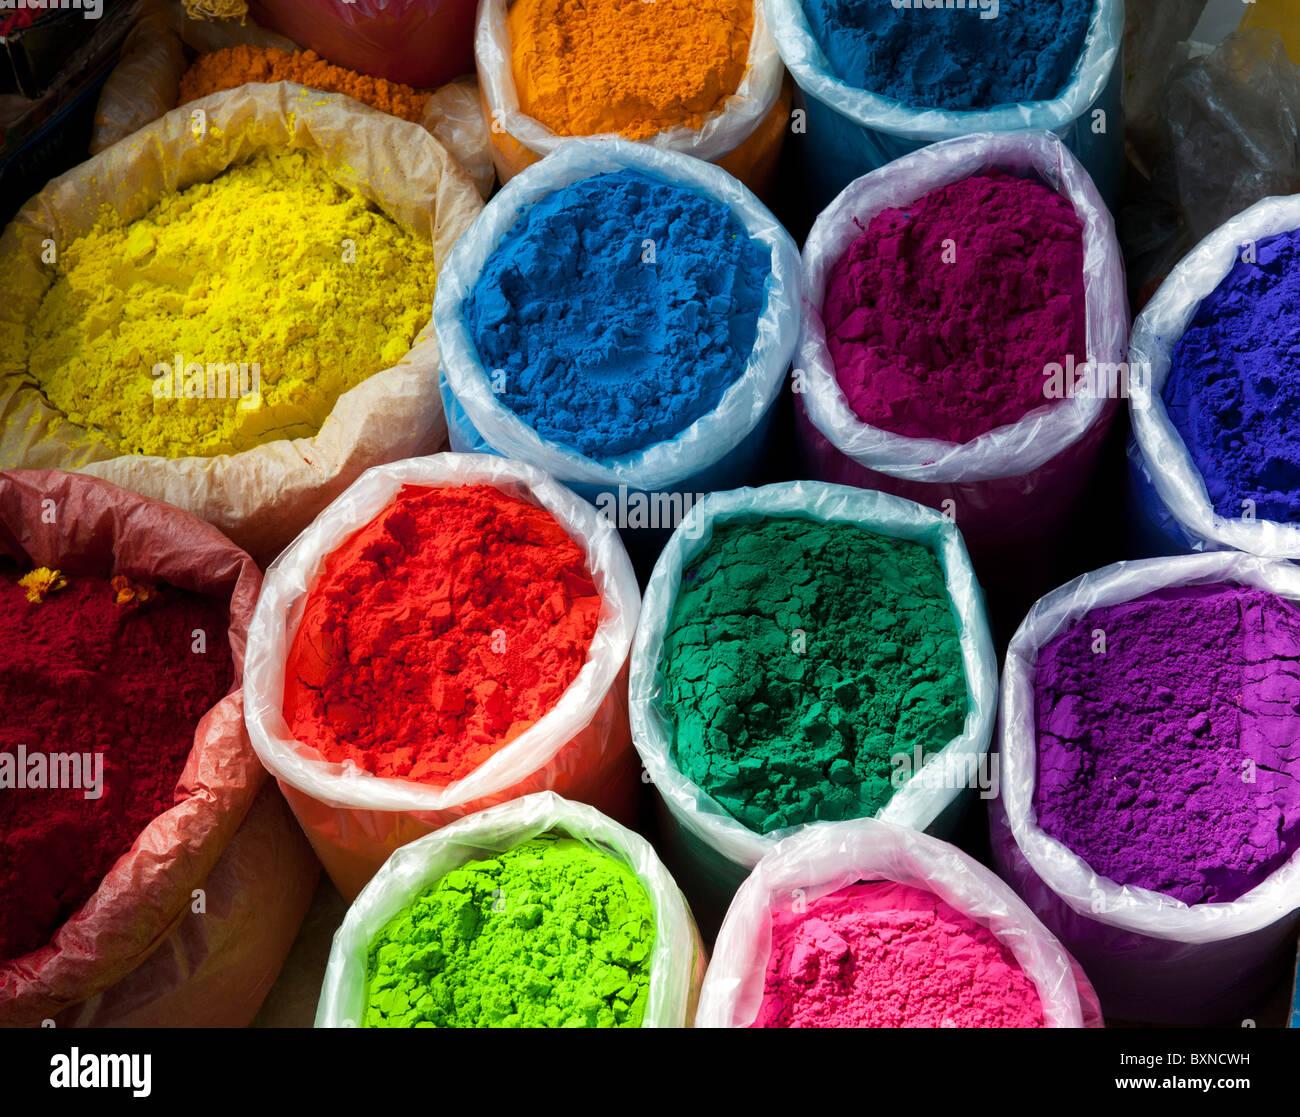 Sacchetti di polvere colorata in un Indiano street market. Andhra Pradesh, India Immagini Stock